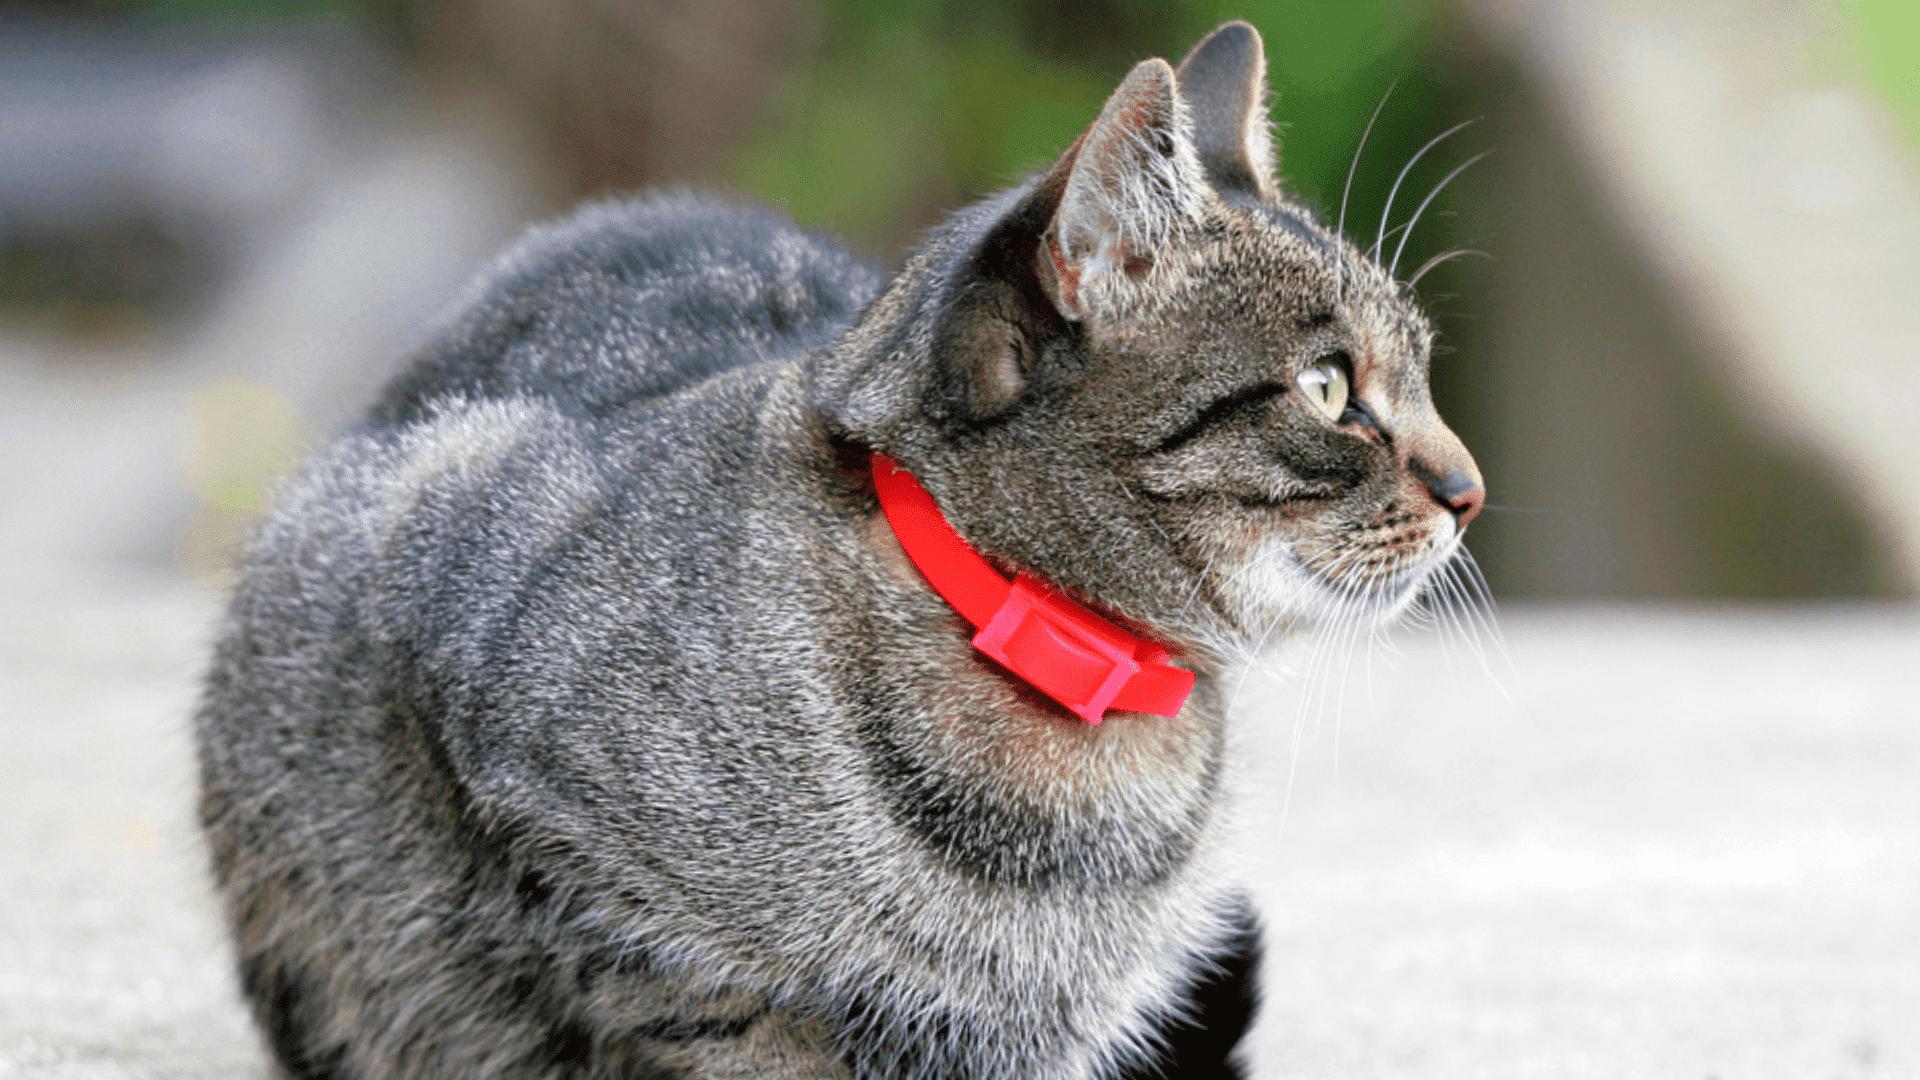 Coleira antipulgas para gato (Imagem: Reprodução/Shutterstock)